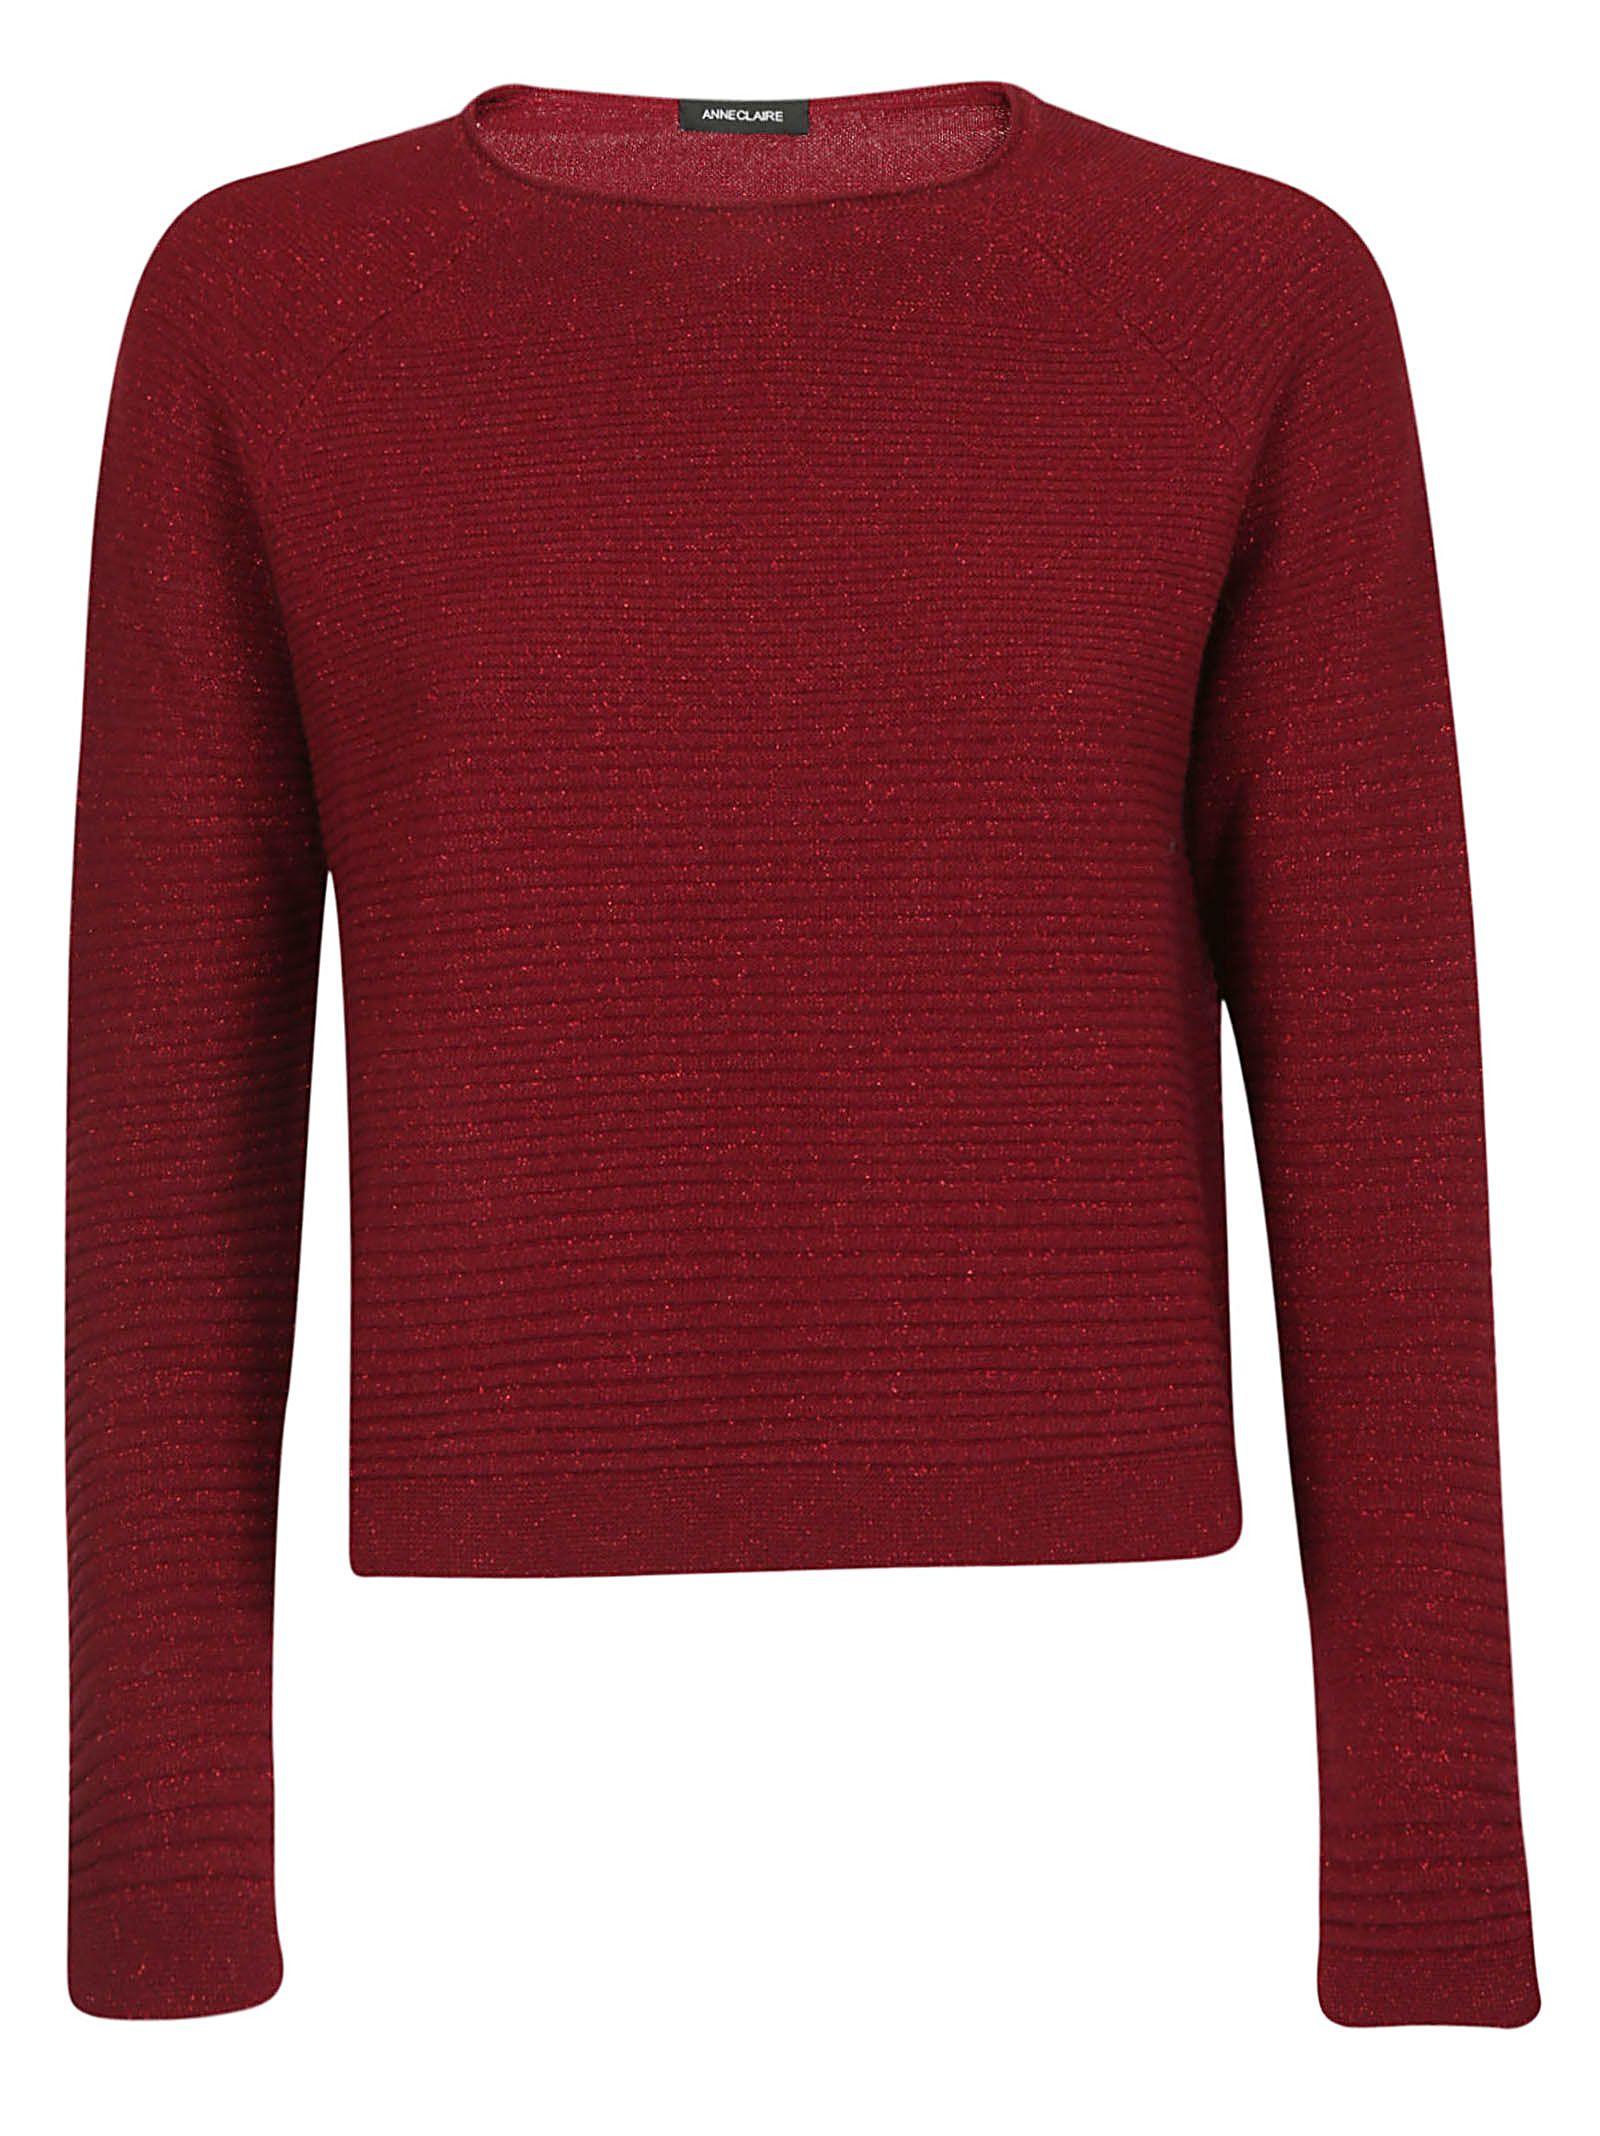 ANNECLAIRE Classic Sweater in Rosso Scuro